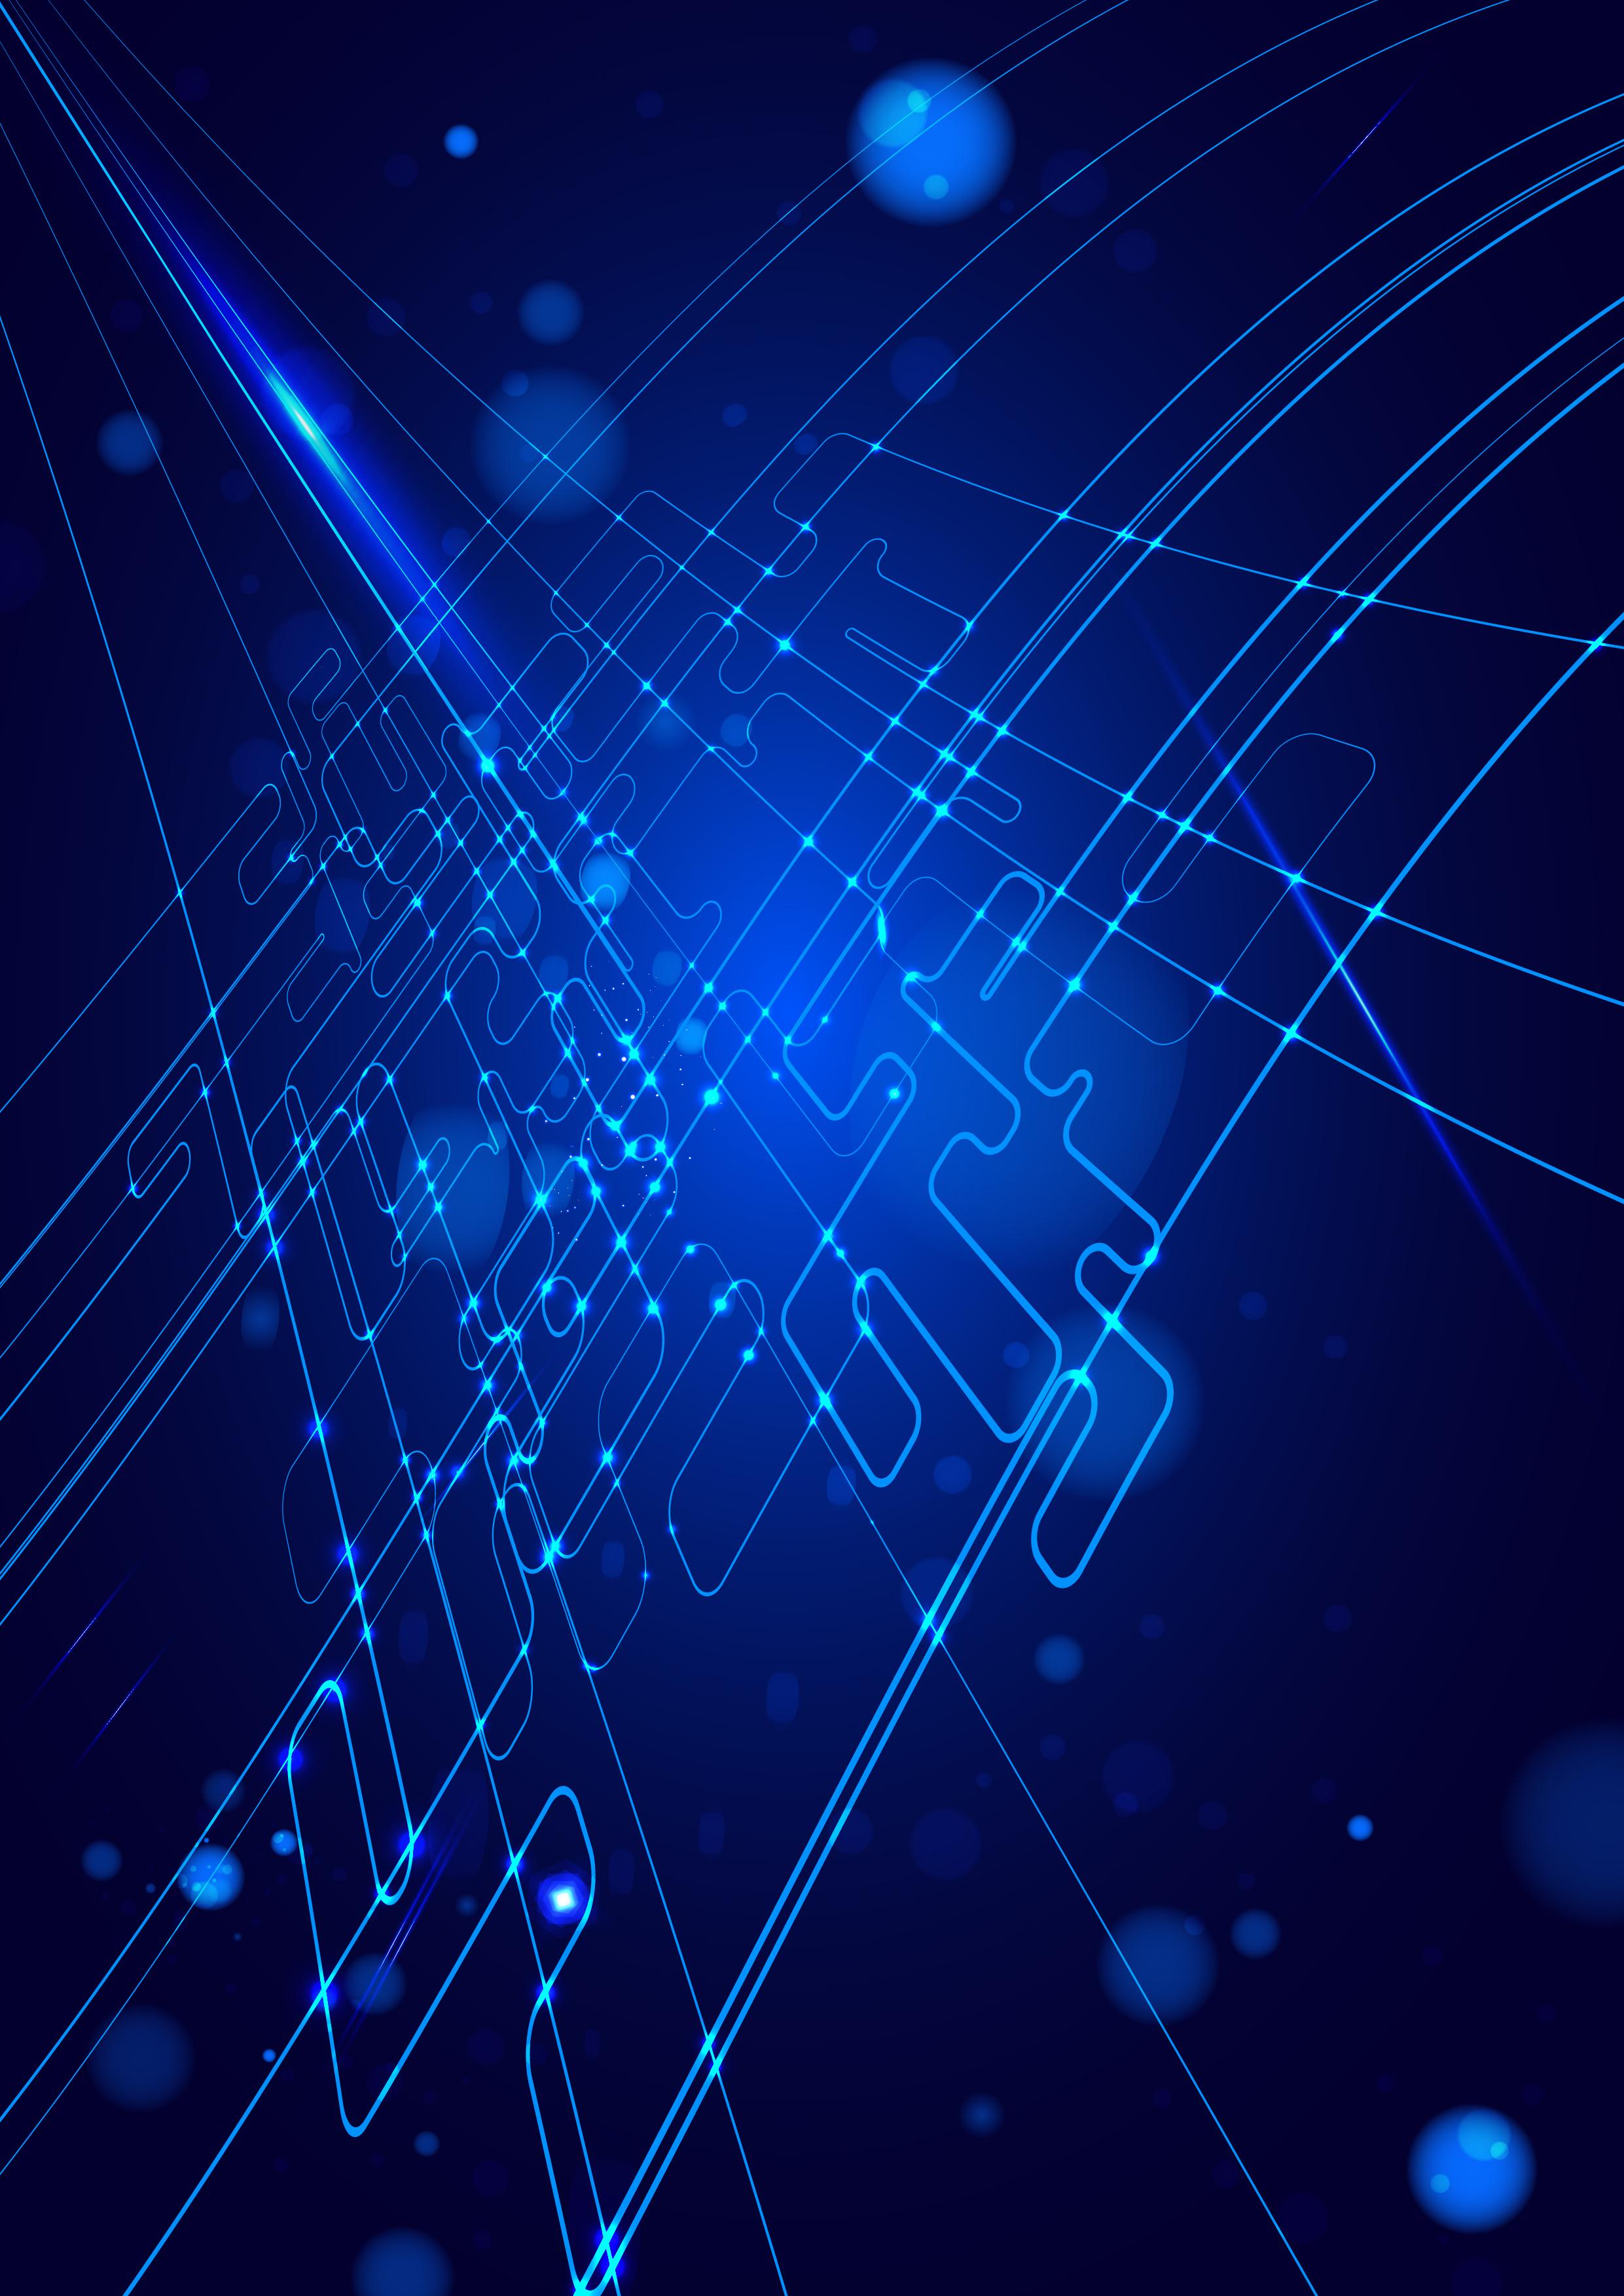 5月12日,捷通邀您观看Luna在线研讨会——利用光纤传感器优化地下监测